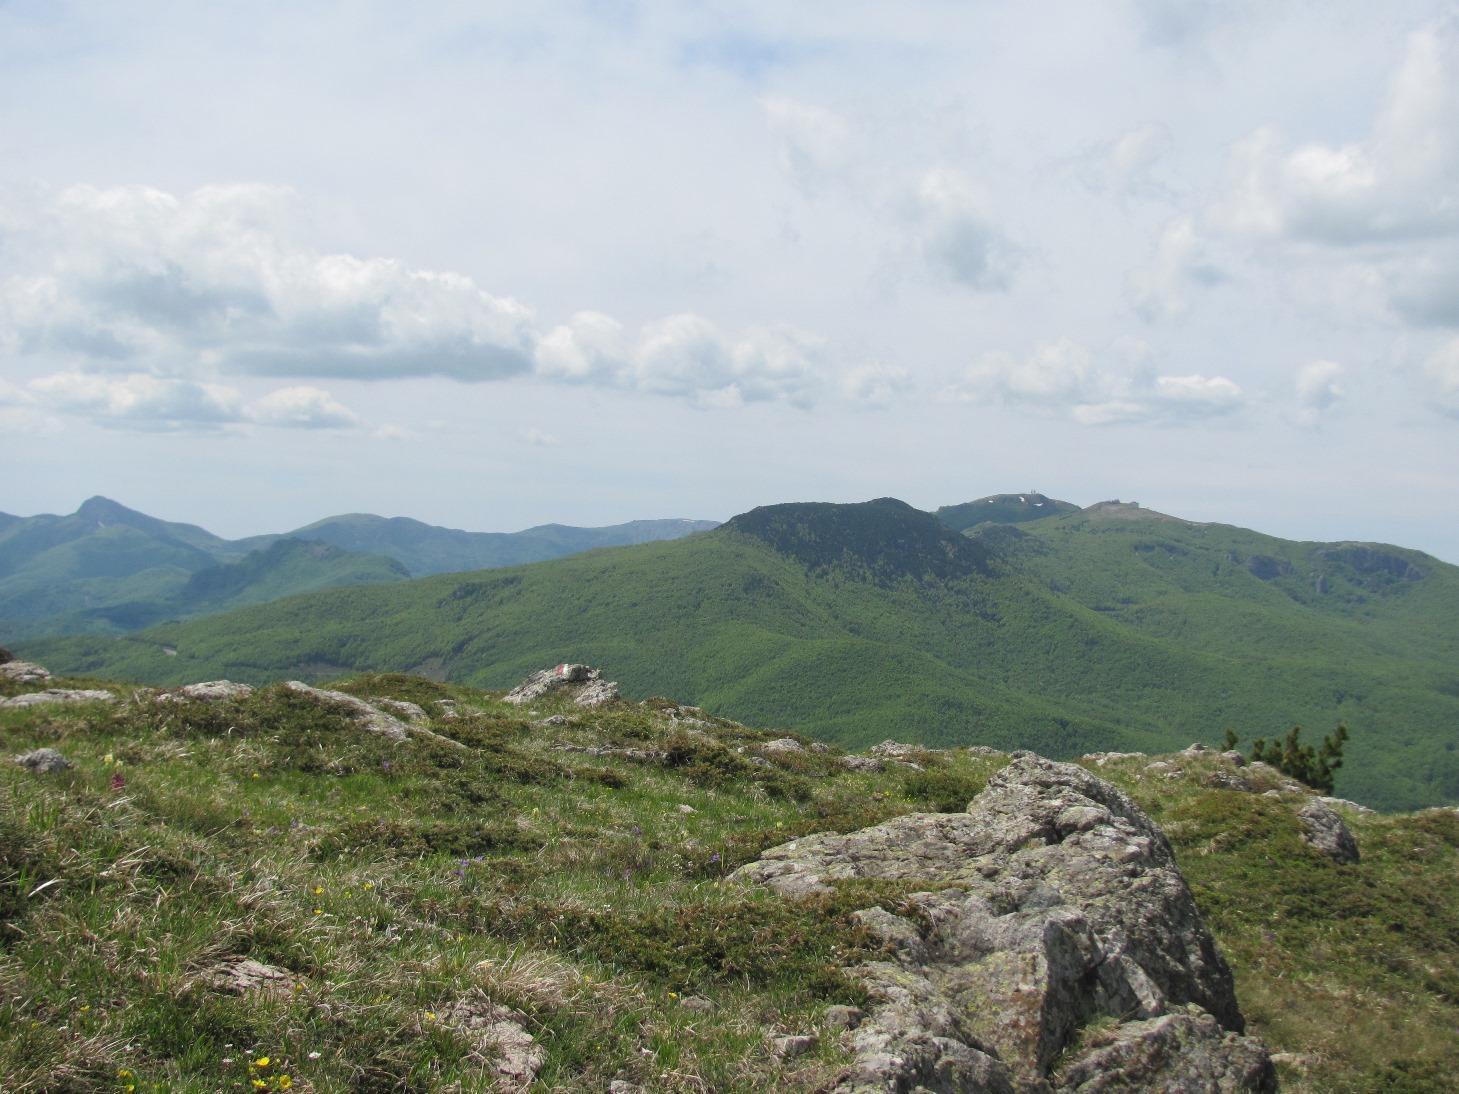 Vista dal Monte Ragola verso i monti Penna, Aiona, Nero, Maggiorasca e Bue